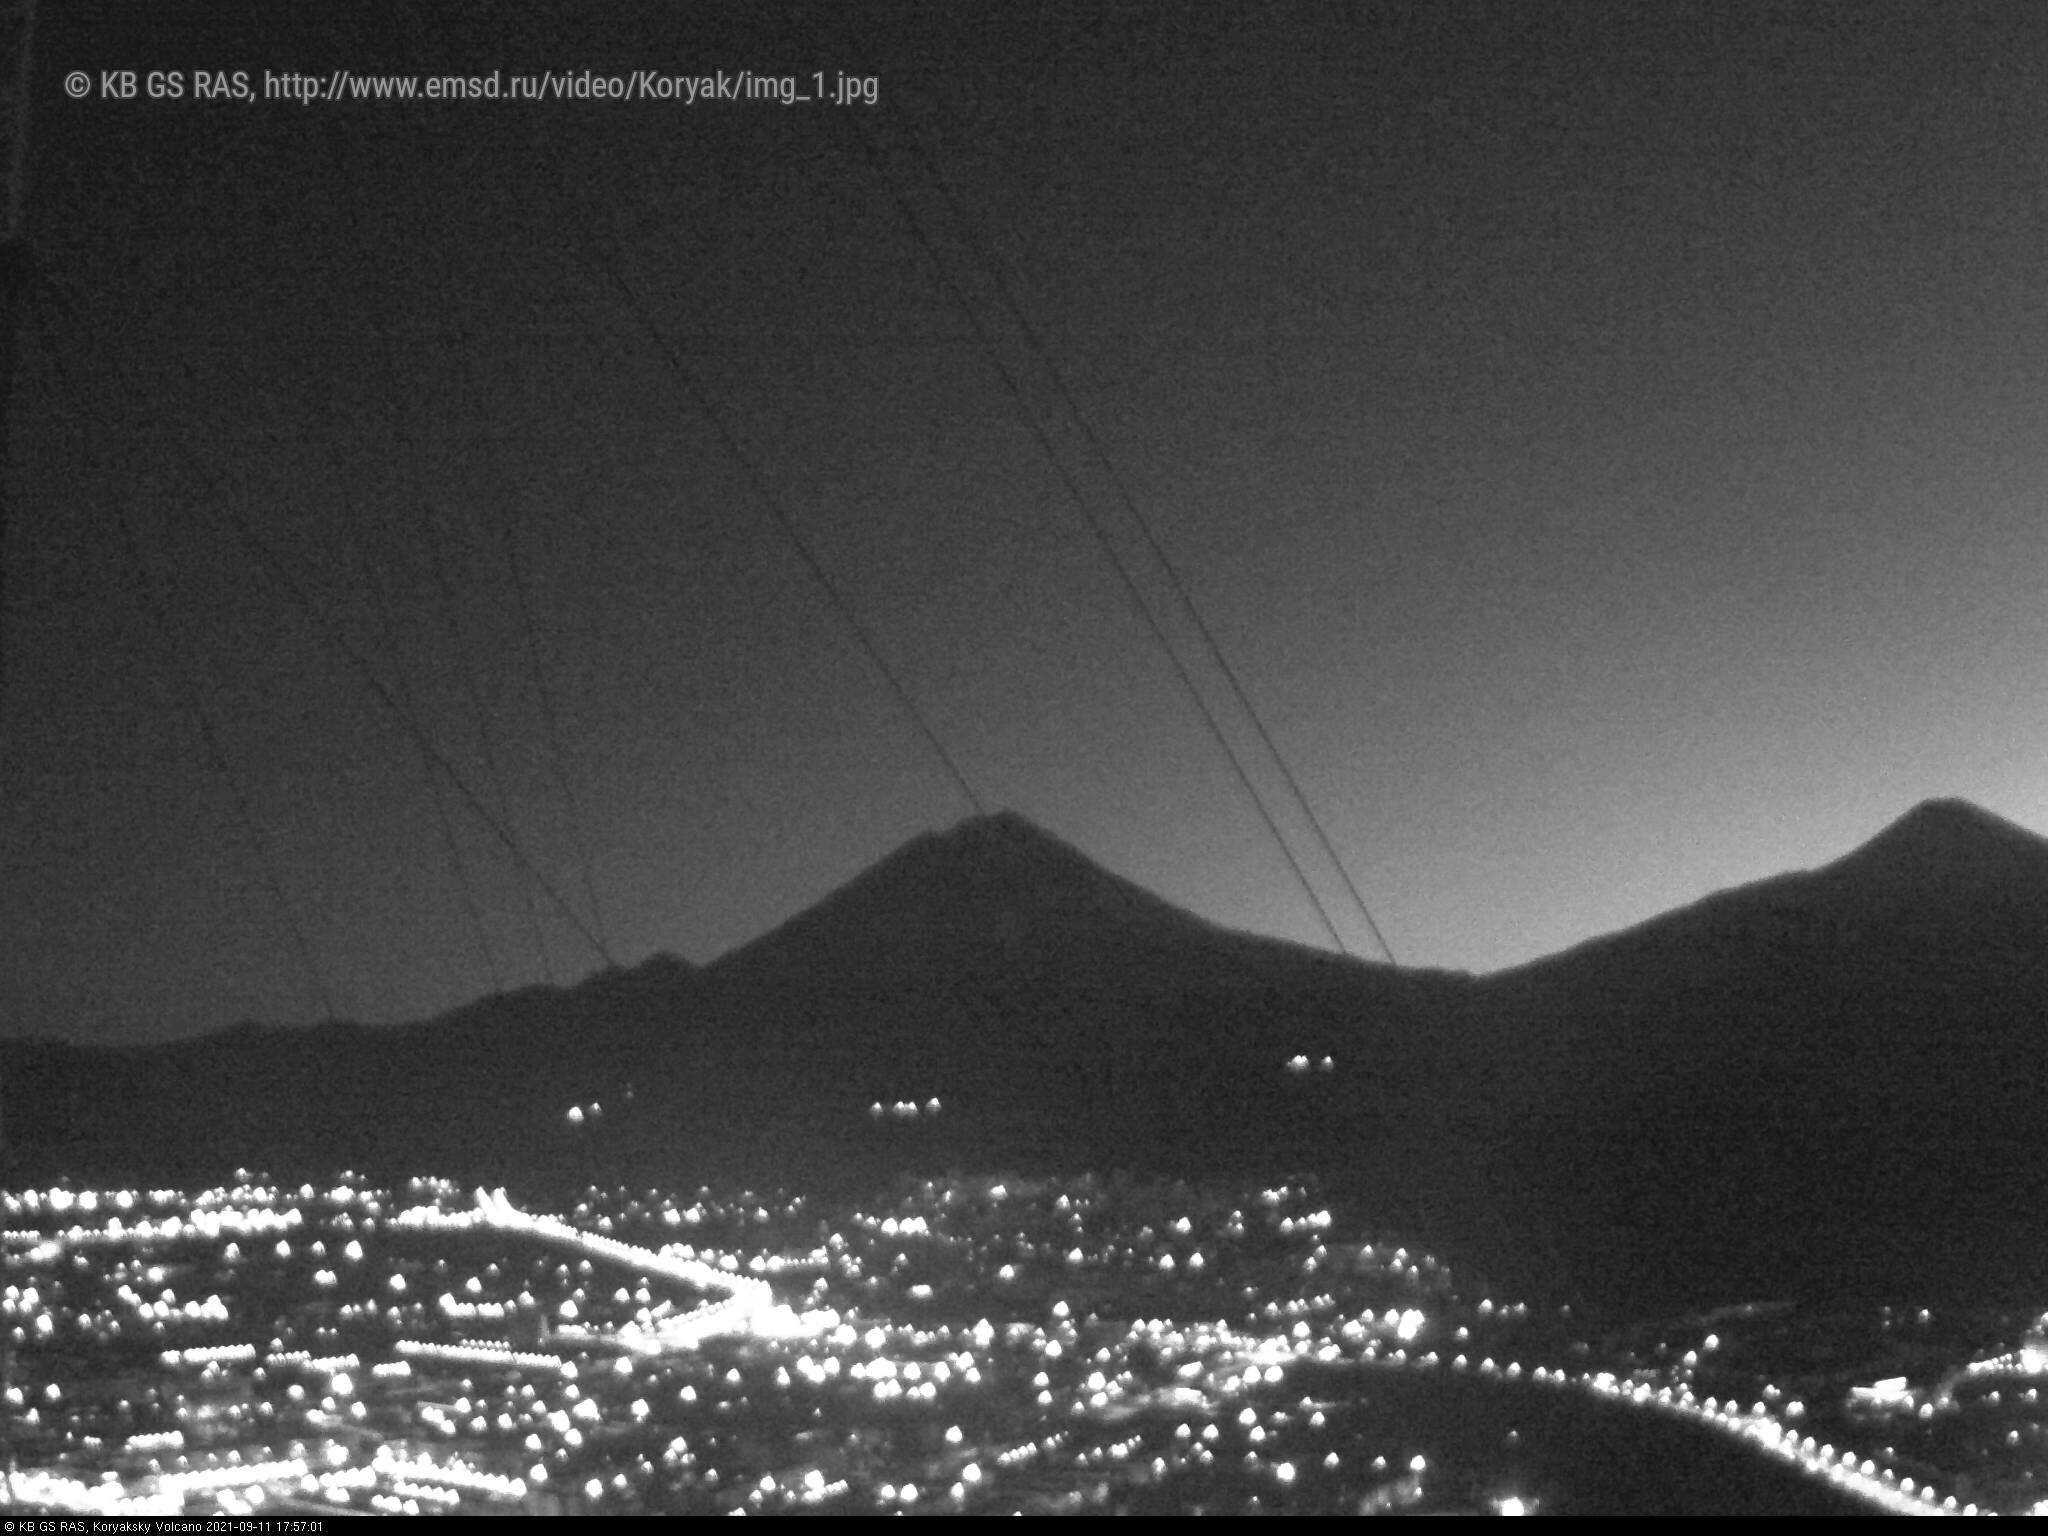 Web camera Kamchatka, Petropavlovsk-Kamchatsky, Koryaksky volcano